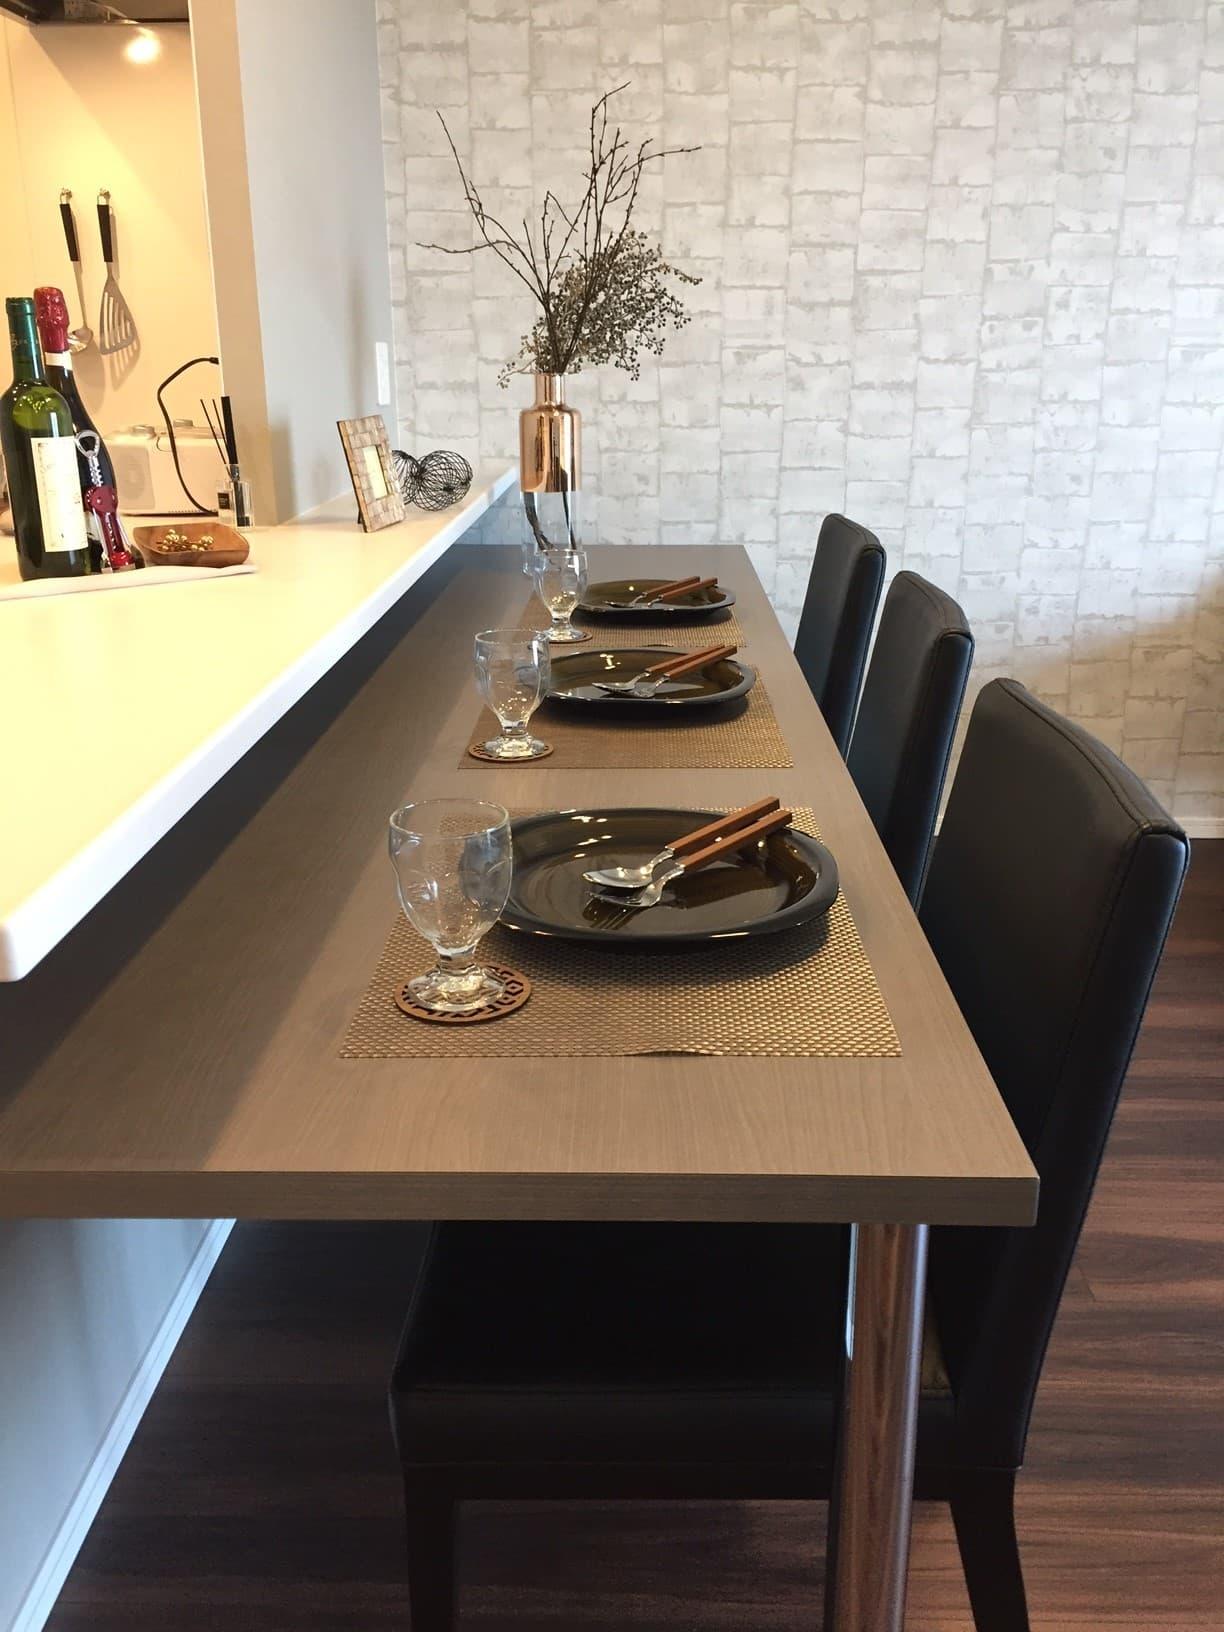 MKマエダ,モダンダイニングチェア,modern dinning chair,シンプルチェア,ダイニングチェア,Taiga,タイガ